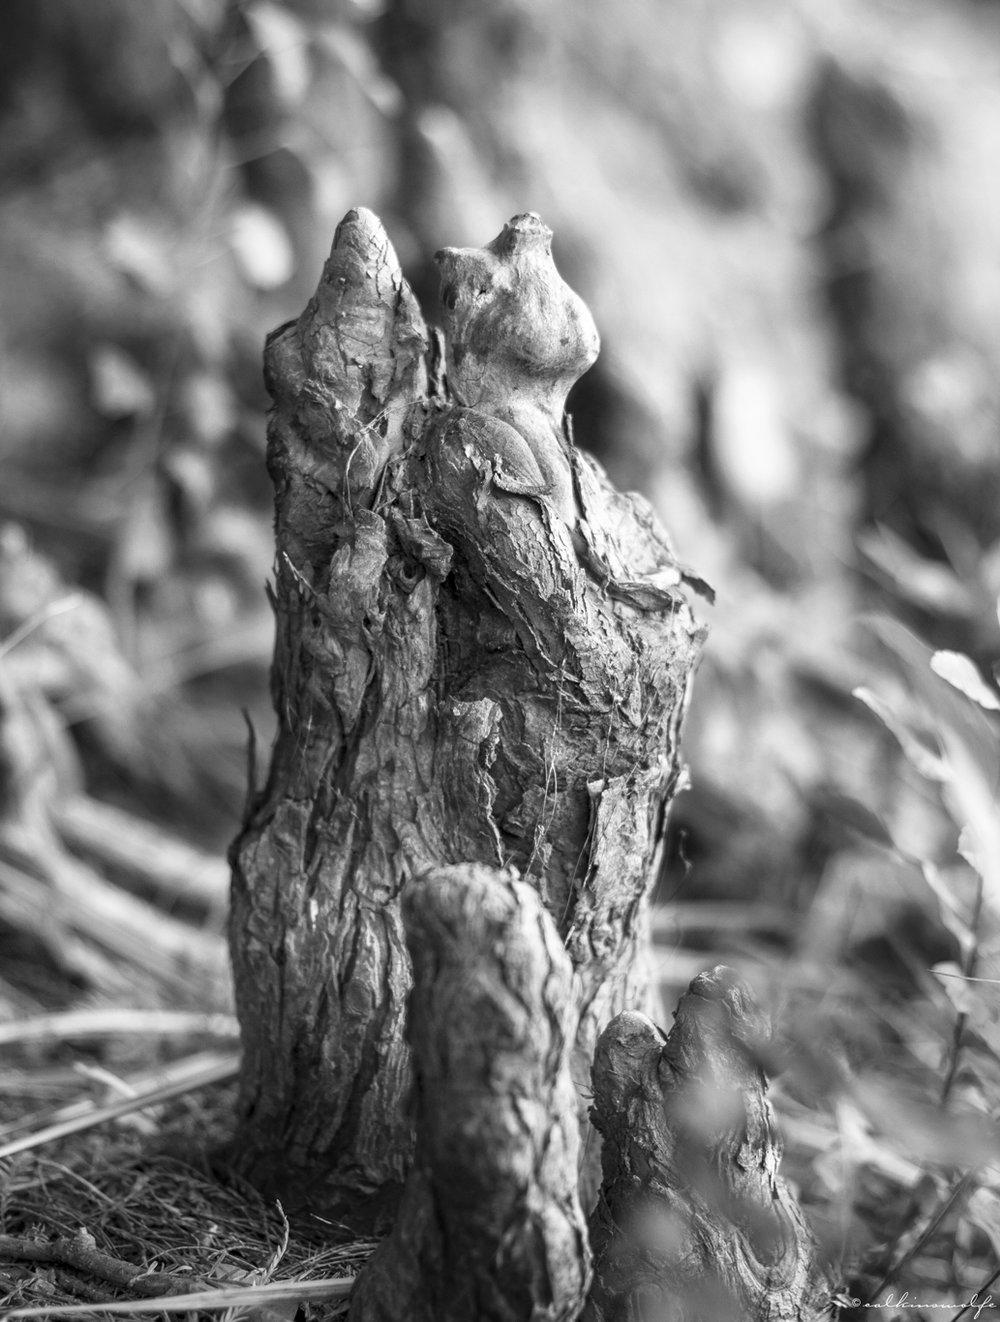 calkinswolfe_MG_9271_HighRes.jpg